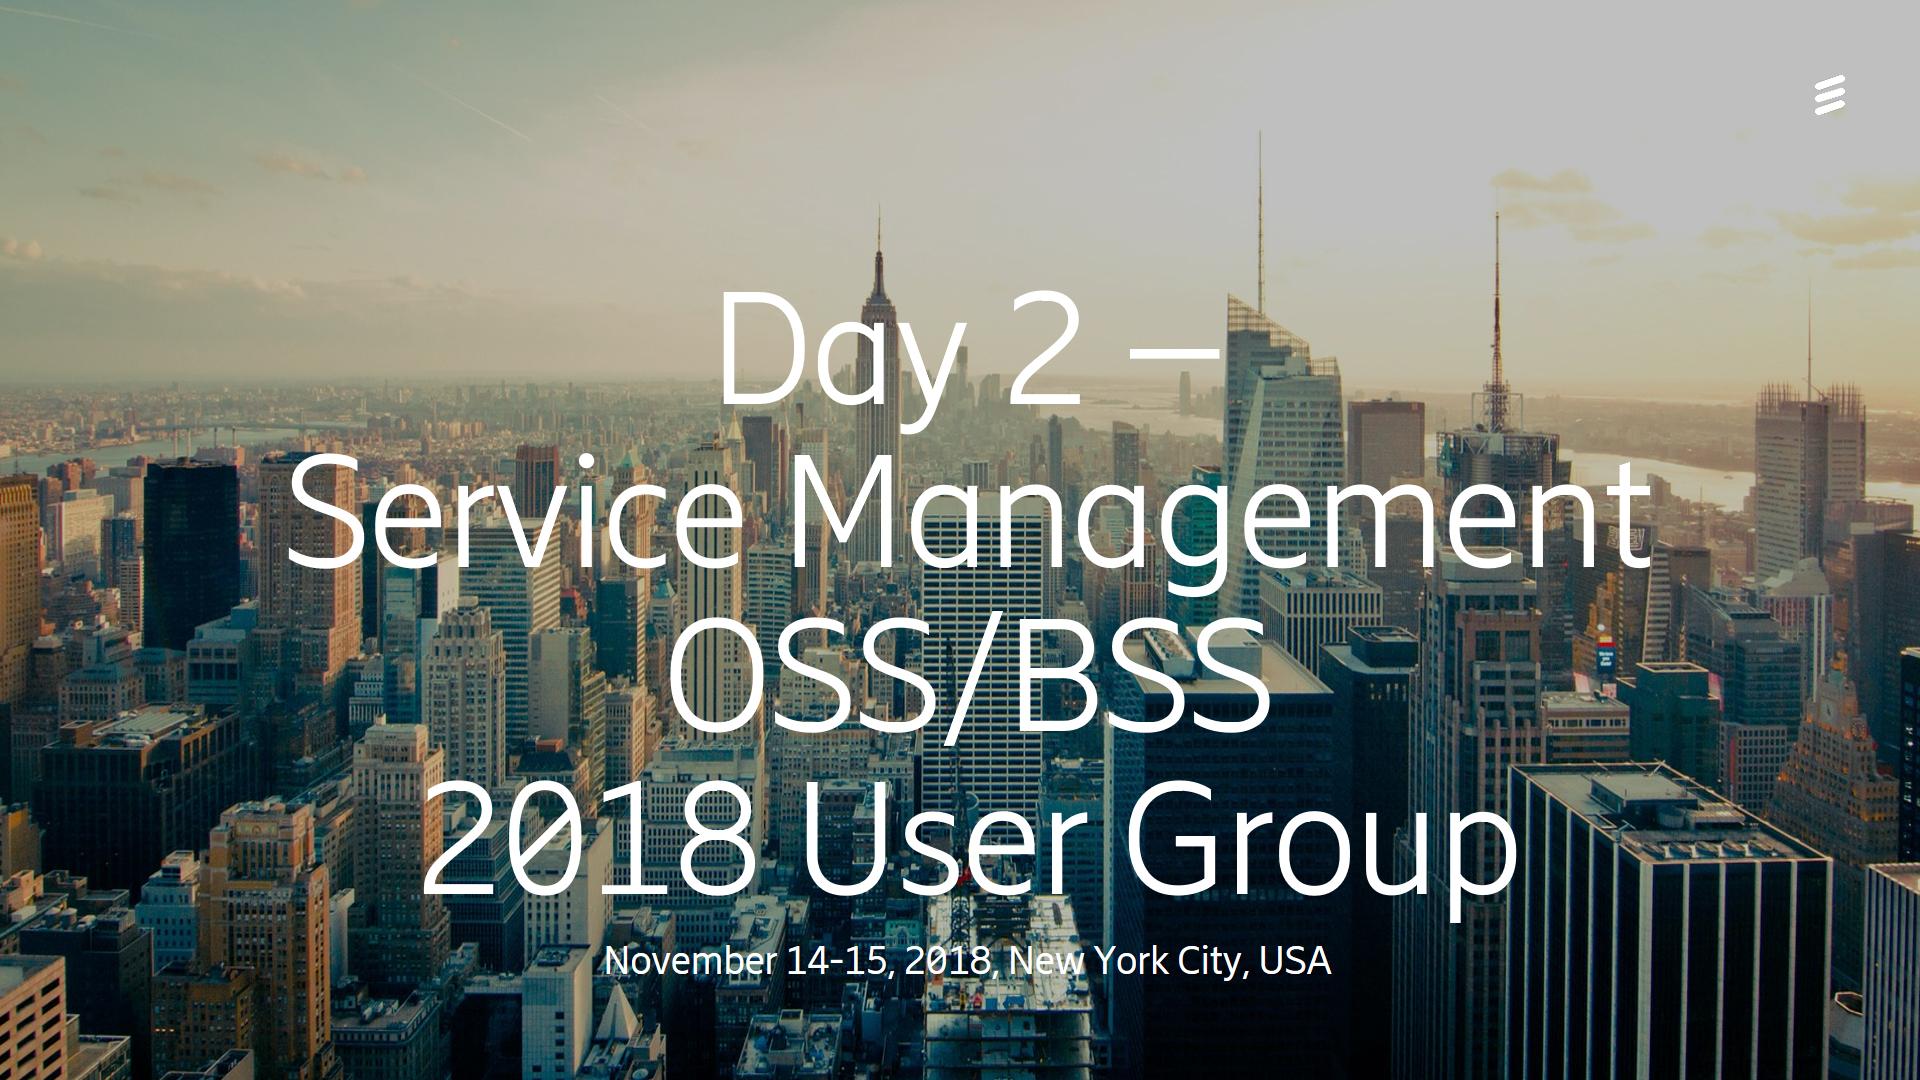 Day 2 Service Management - OSS/BSS User Group 2018